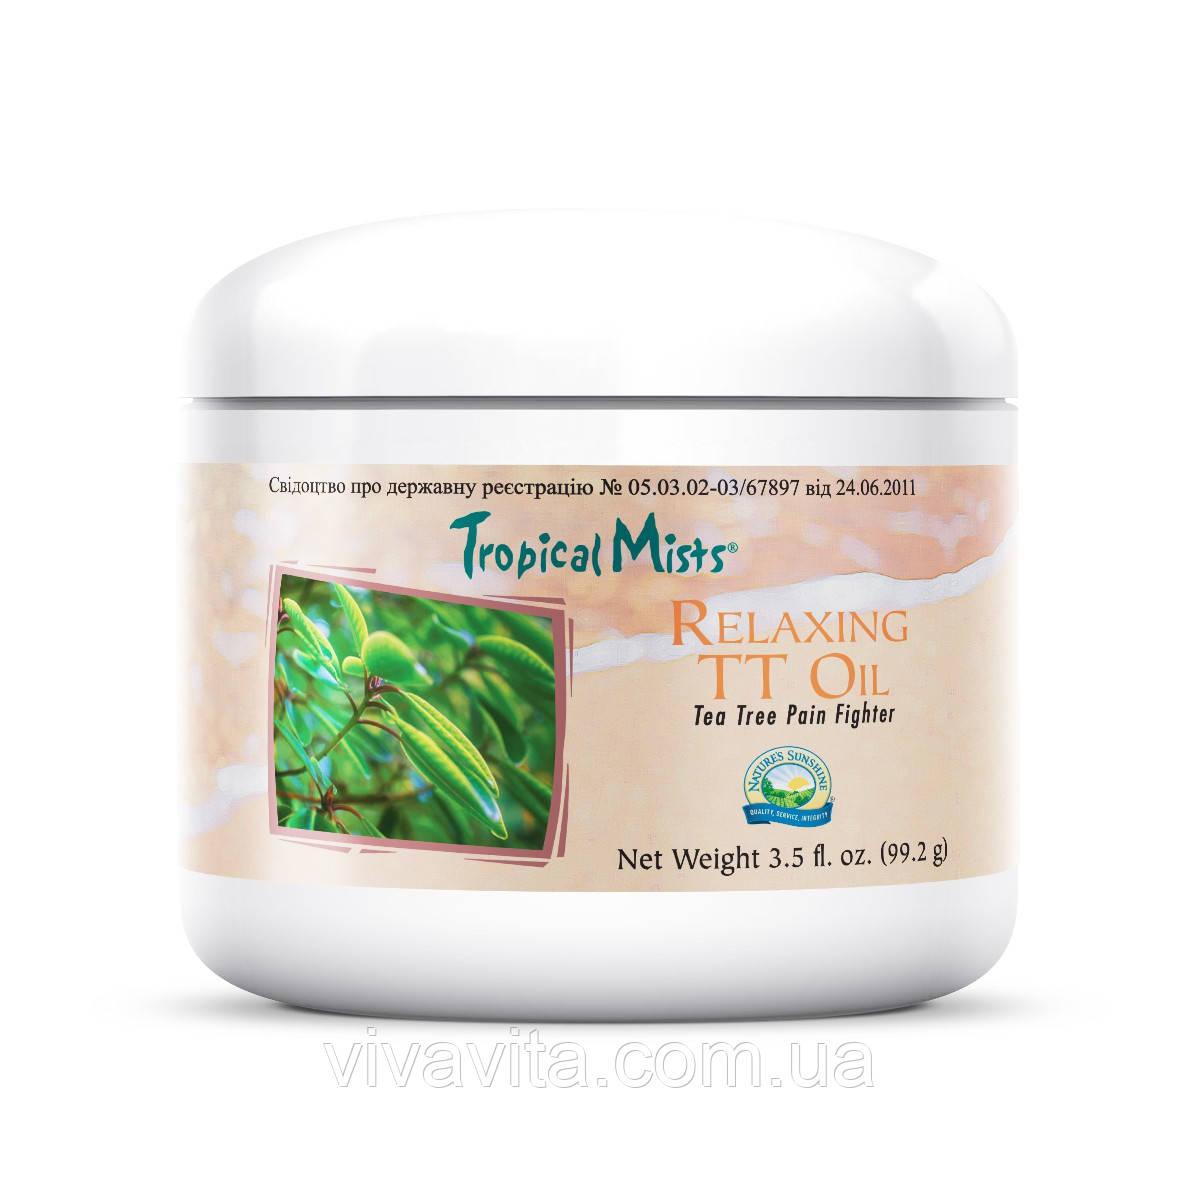 Обезболивающий крем «Расслабляющее масло чайного дерева» для мышц ...